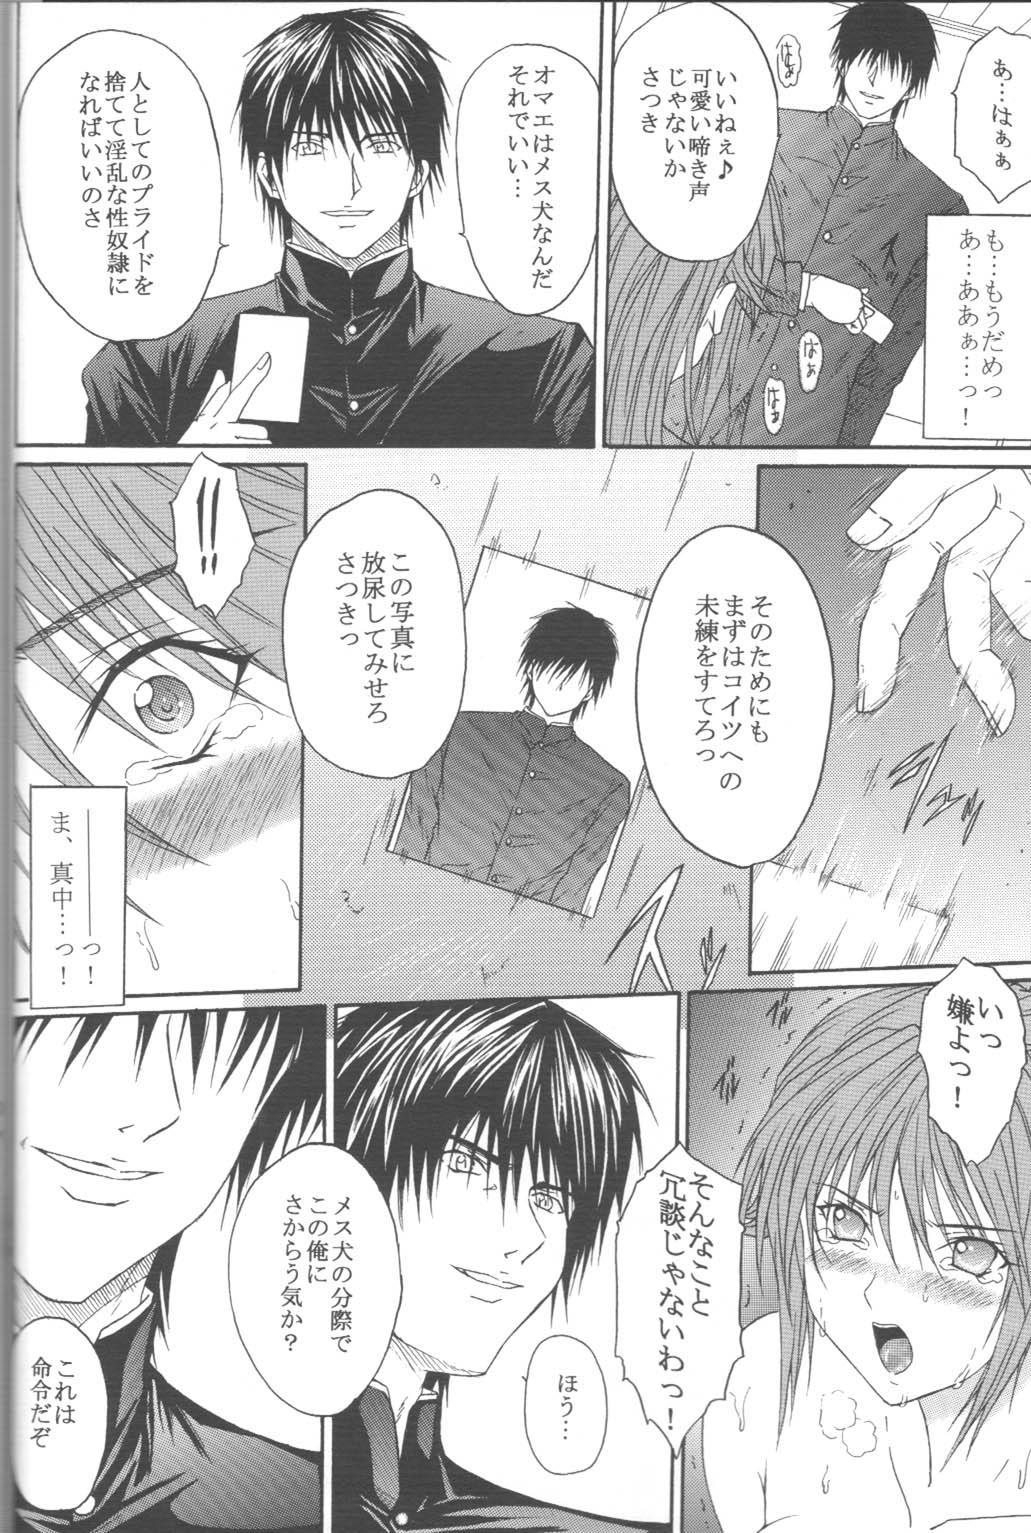 Ryoujoku Rensa 05 12